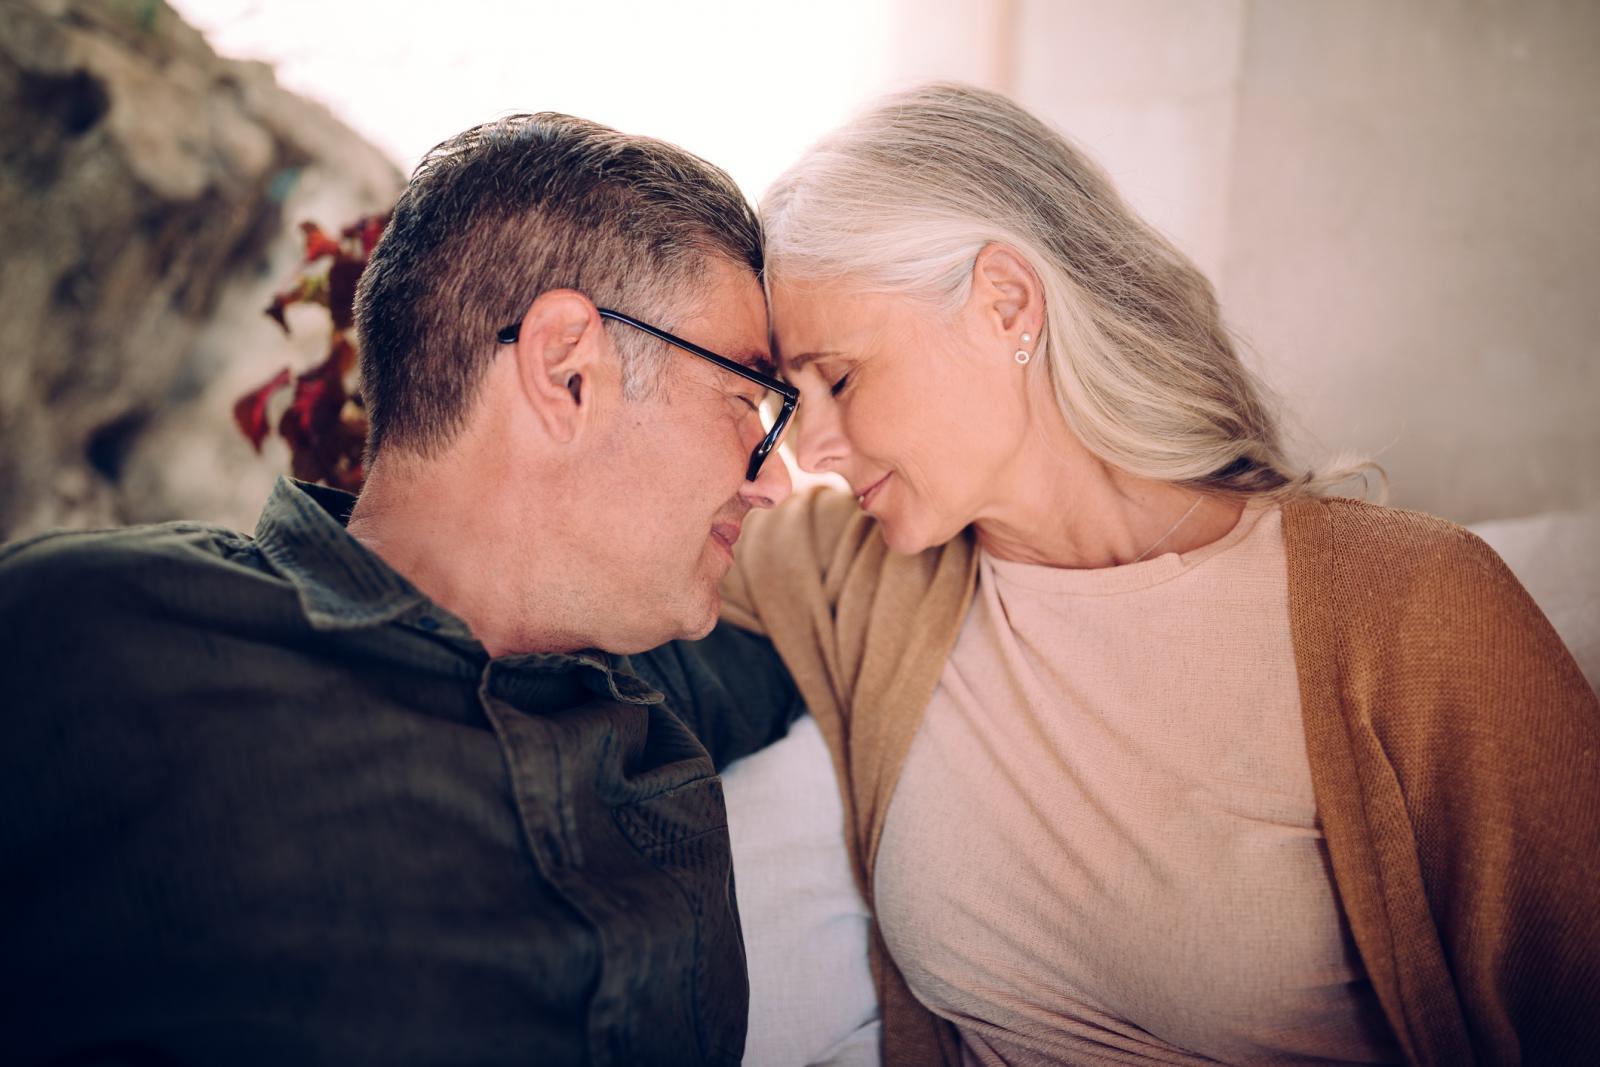 Maštate li i vi o odnosu, o ljubavi koja će trajati sretno zauvijek?